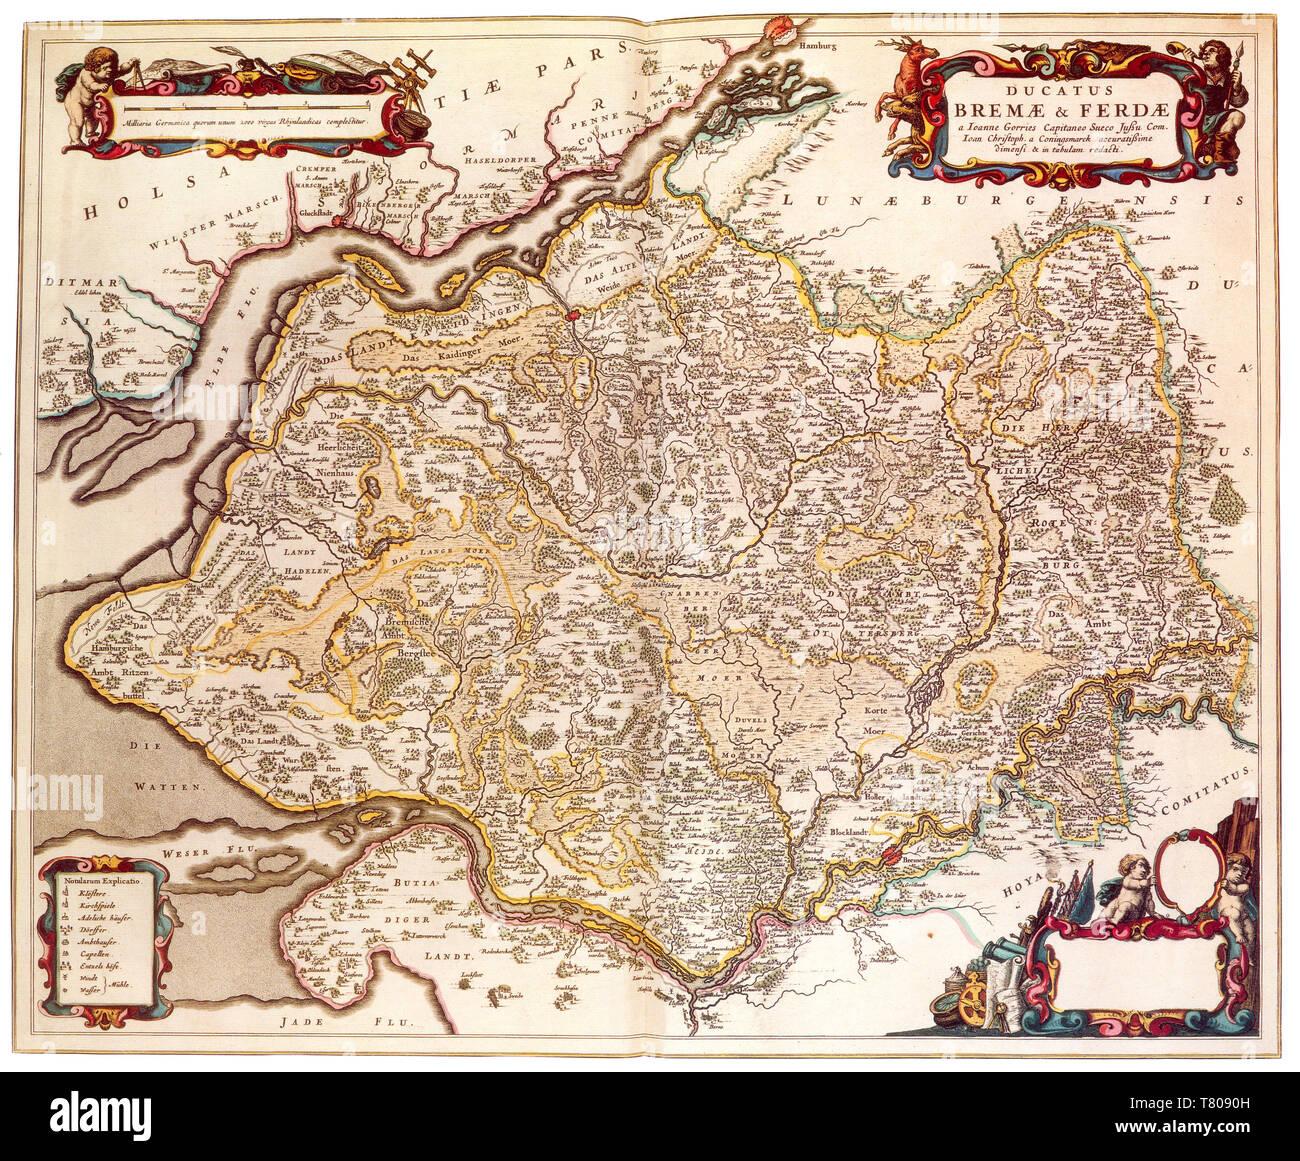 Joan Blaeu, Duchies of Bremen-Verden Map, 17th Century - Stock Image